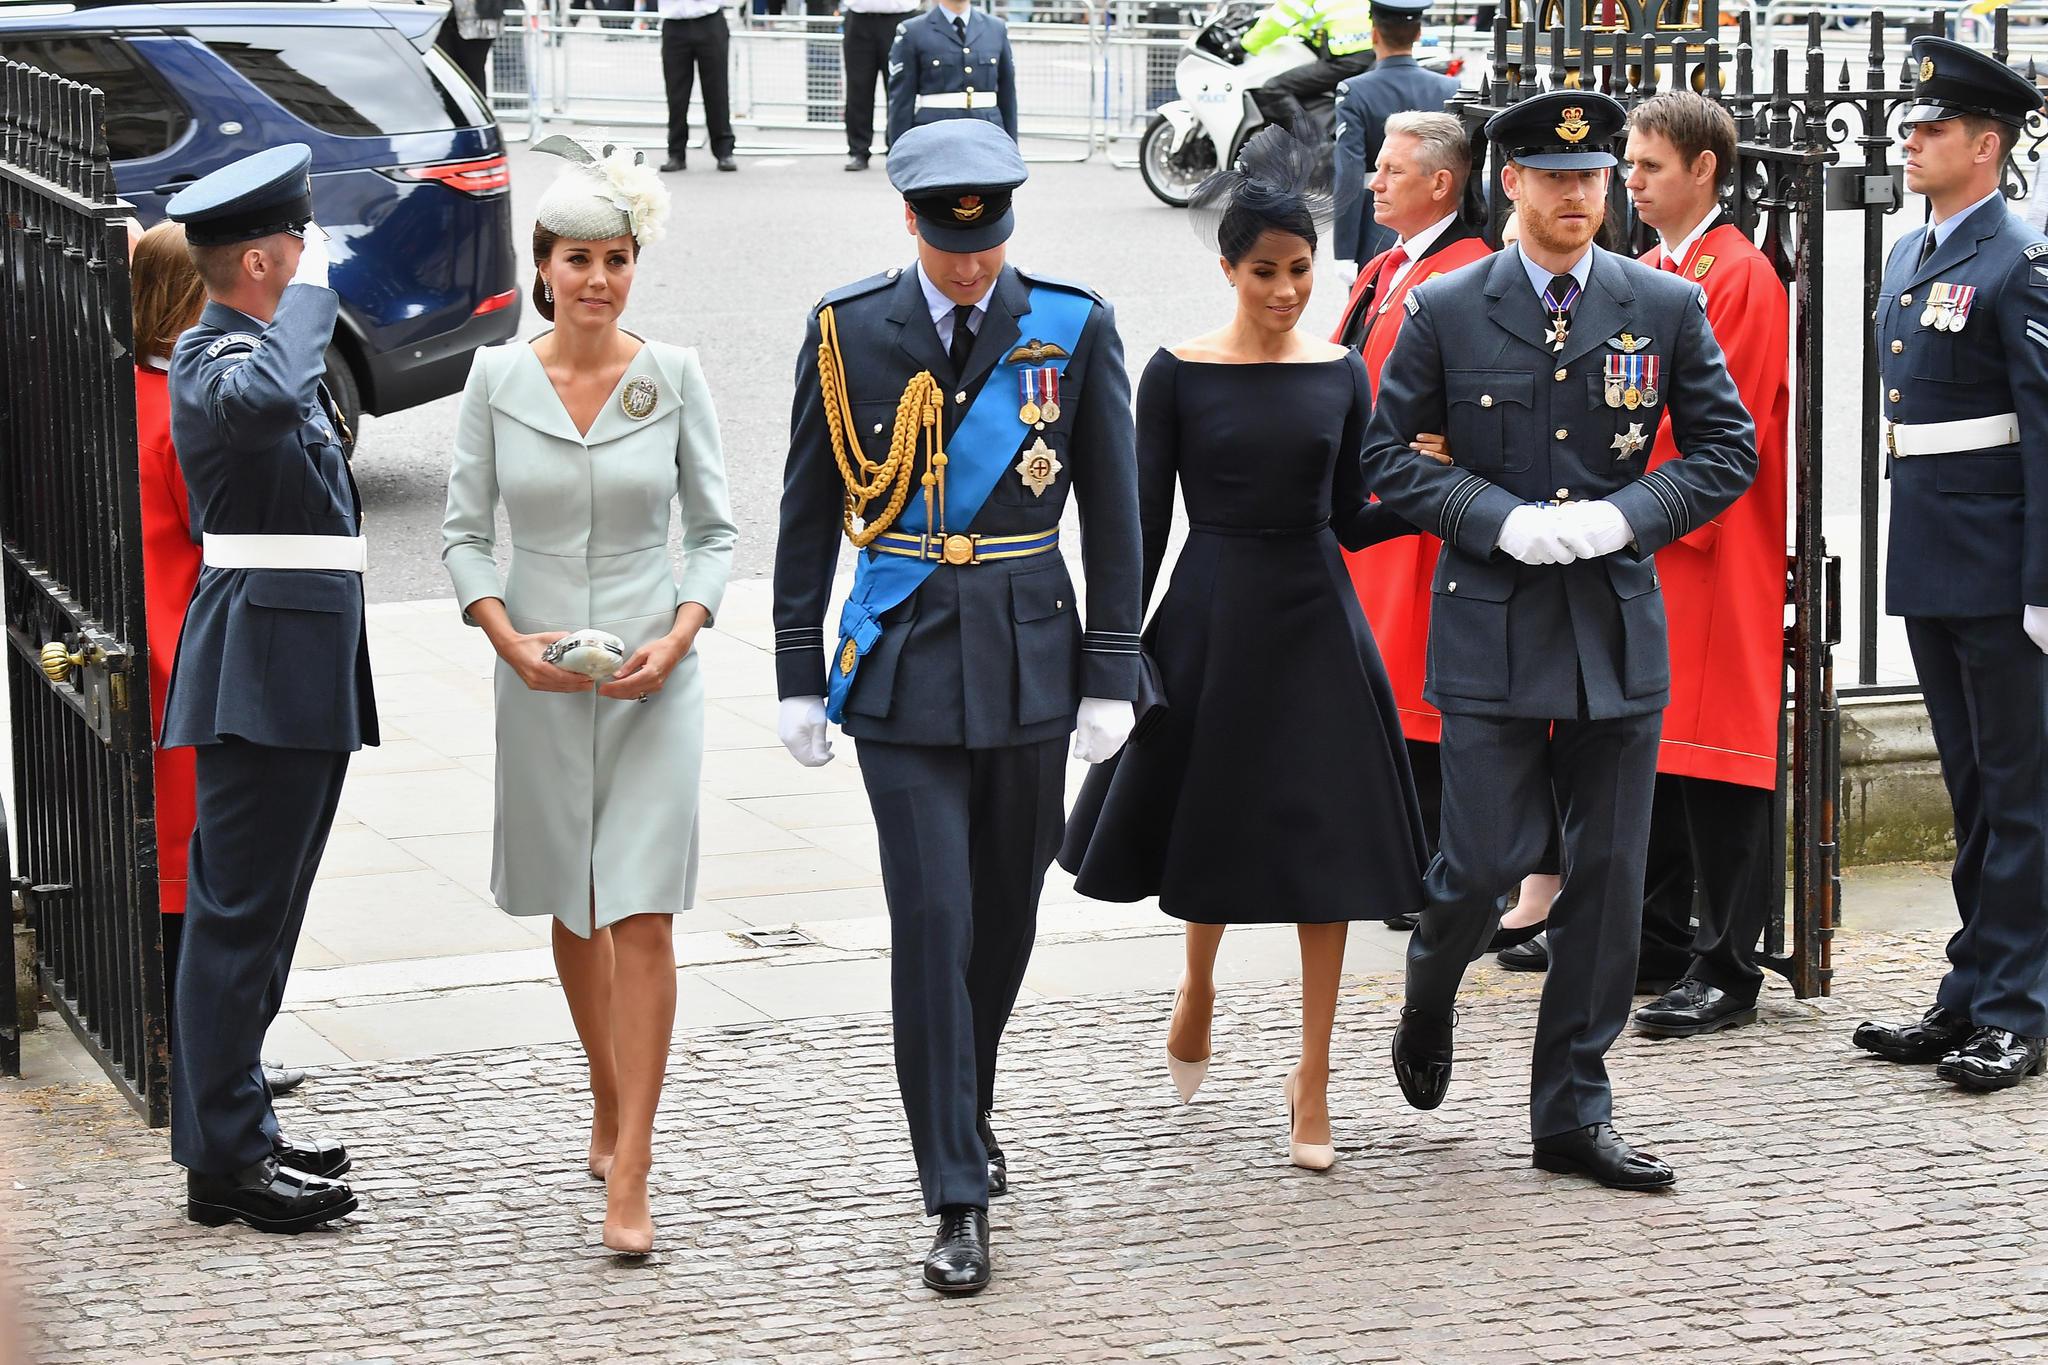 Herzogin Catherine, Prinz William, Herzogin Meghan und Prinz Harry kommen gemeinsam vorWestminster Abbey an.